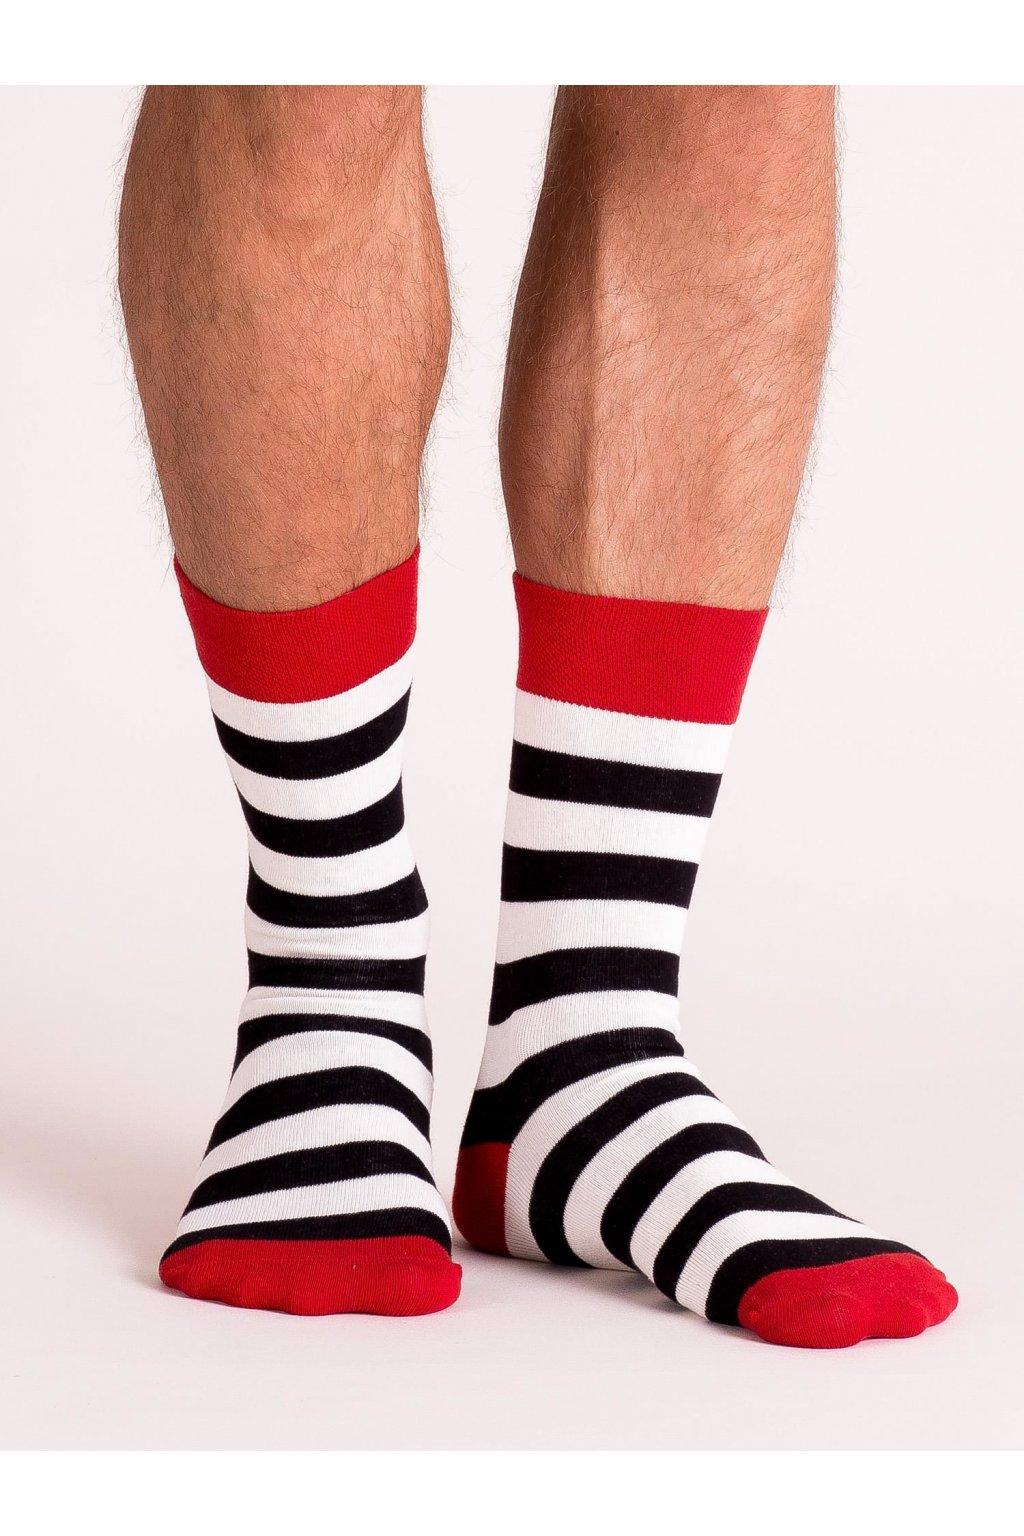 Pánske ponožky kód WS-SR-5460.76